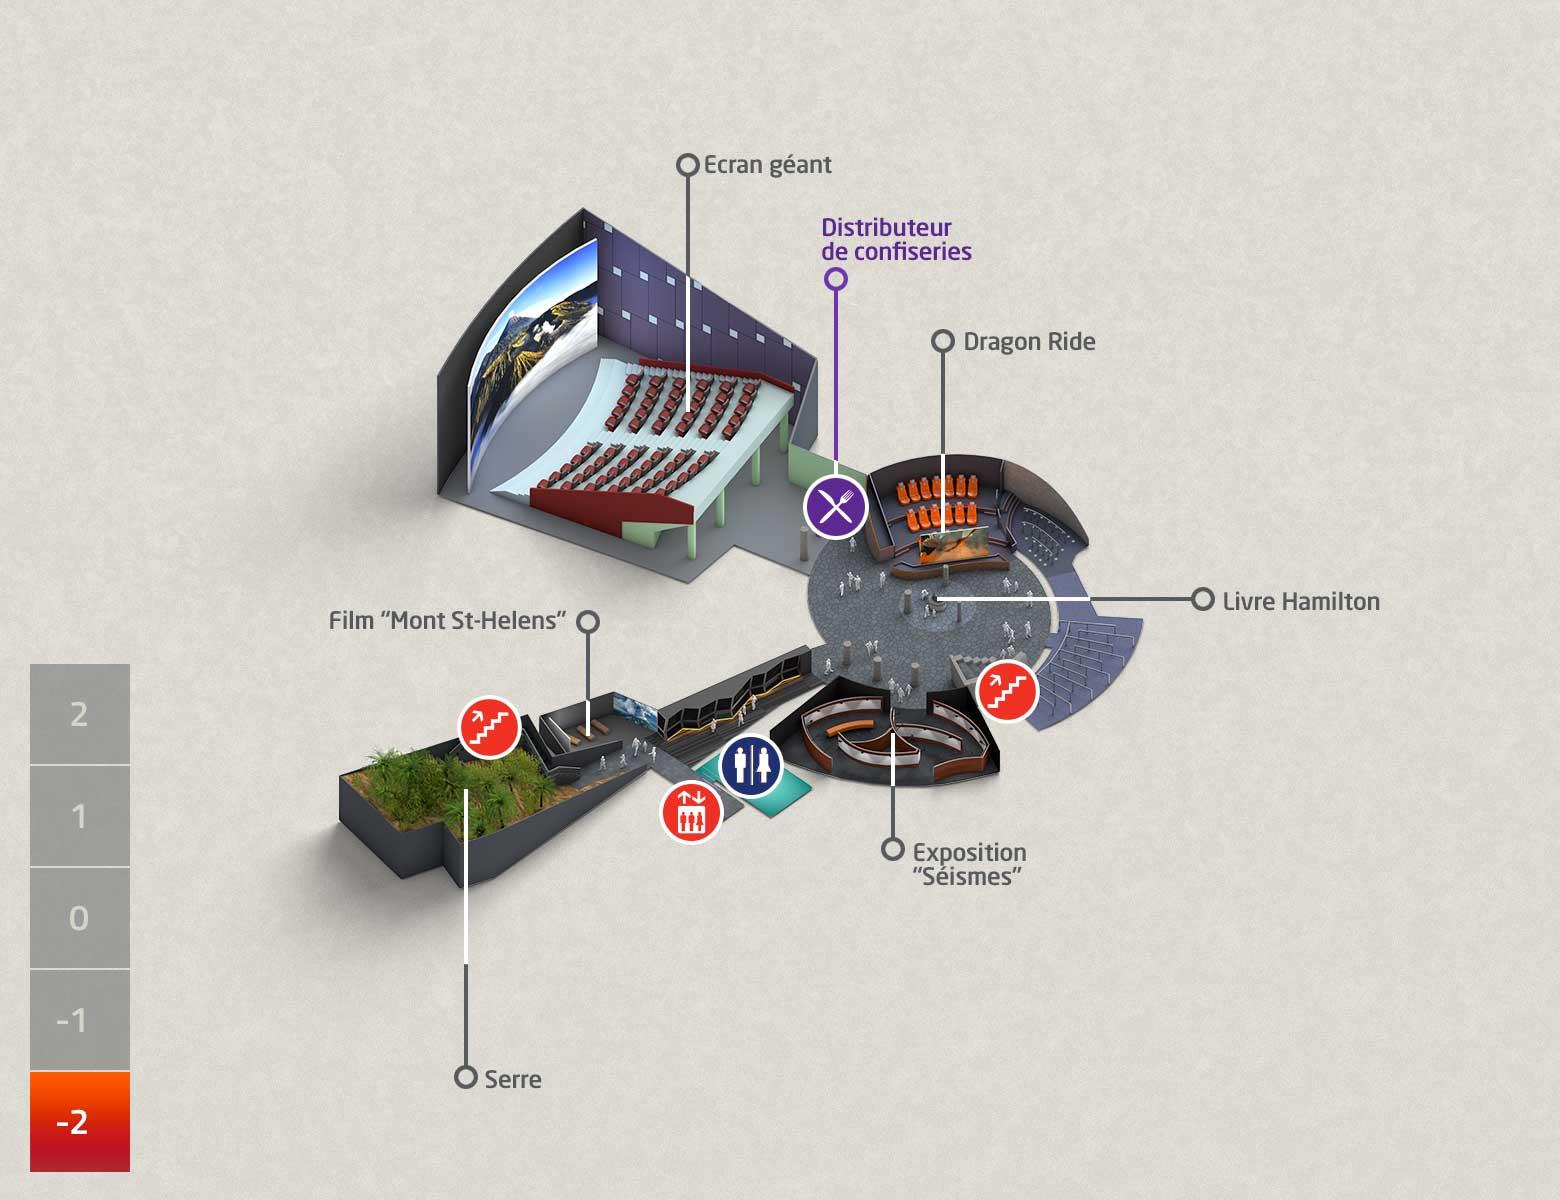 Séminaire d'entreprise - Plan du Parc Niveau -2